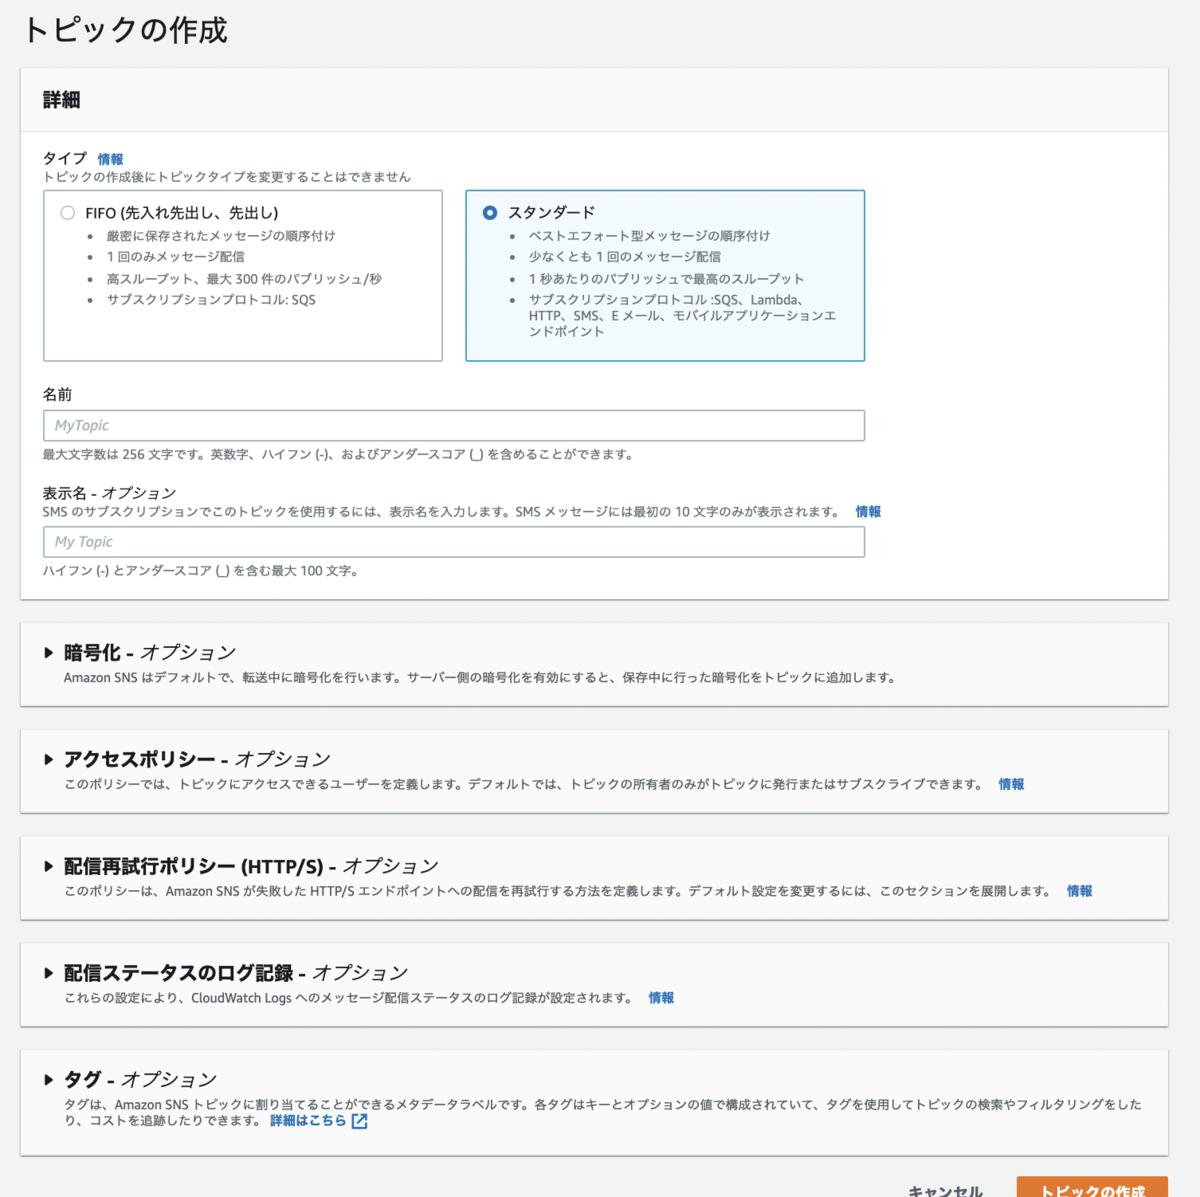 f:id:swx-hamaoka:20210814135935p:plain